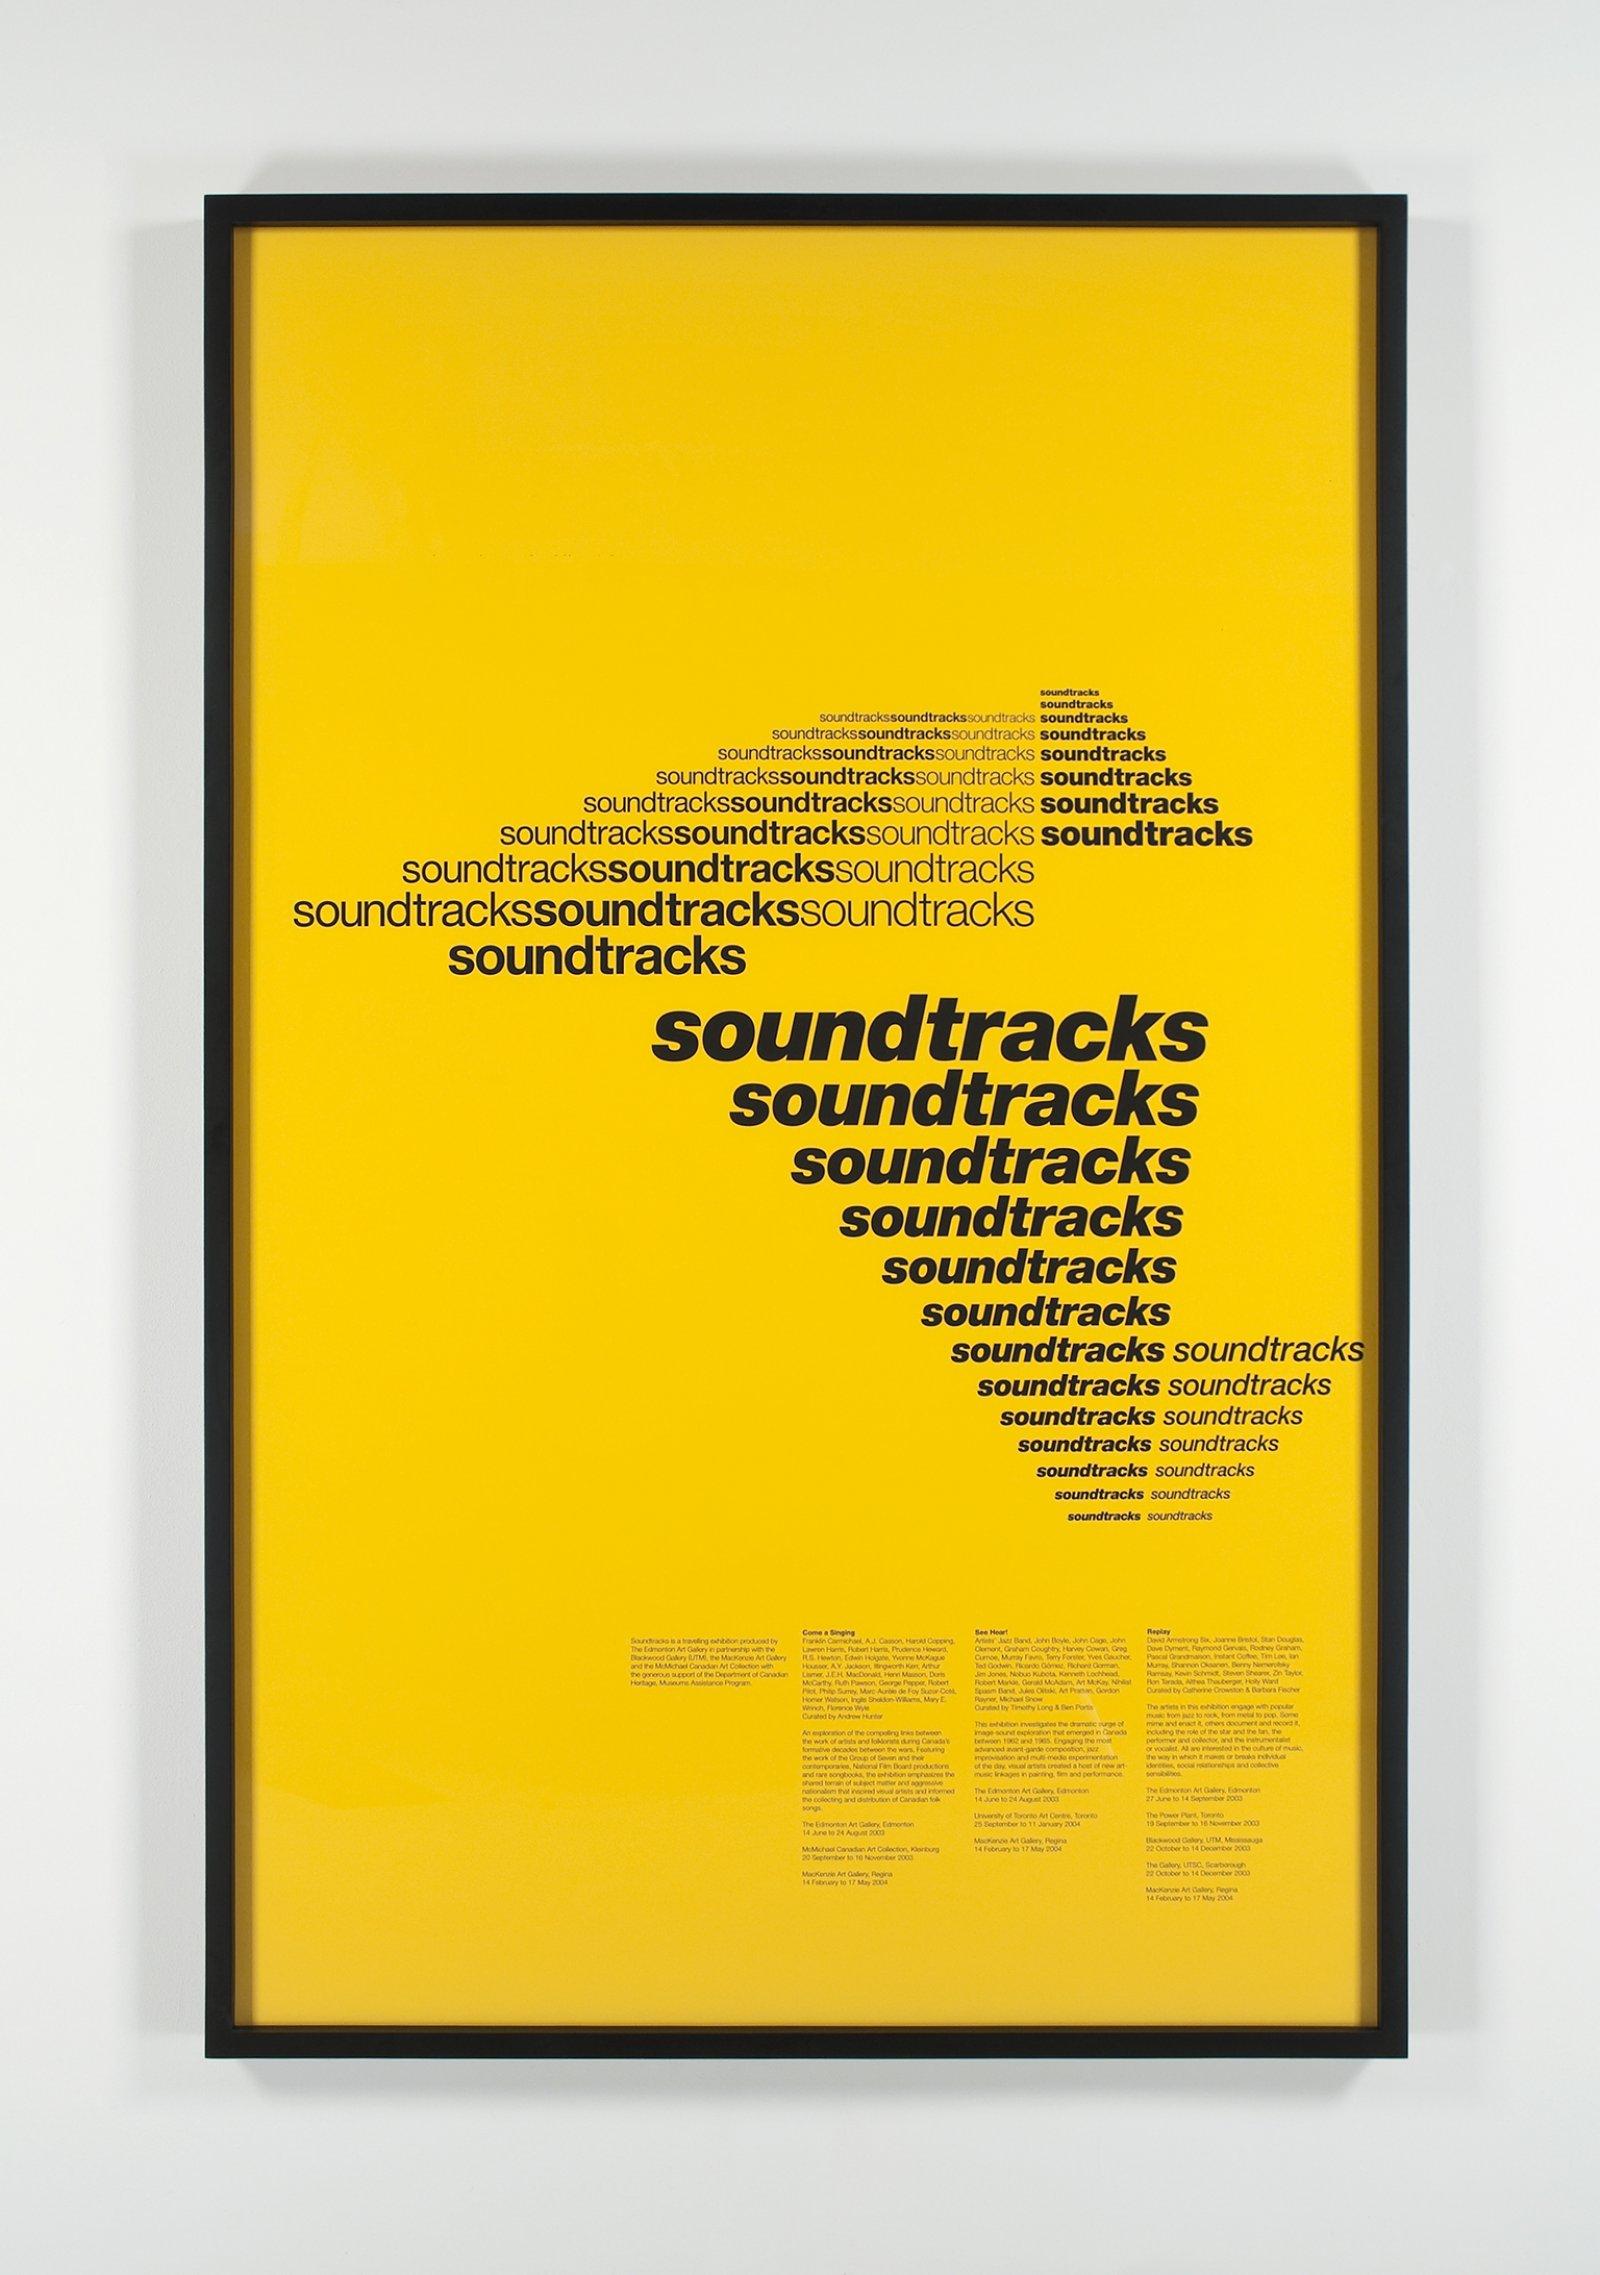 Ron Terada,Soundtracks, 2004, inkjet print, 77 x 50 in. (196 x 126 cm)